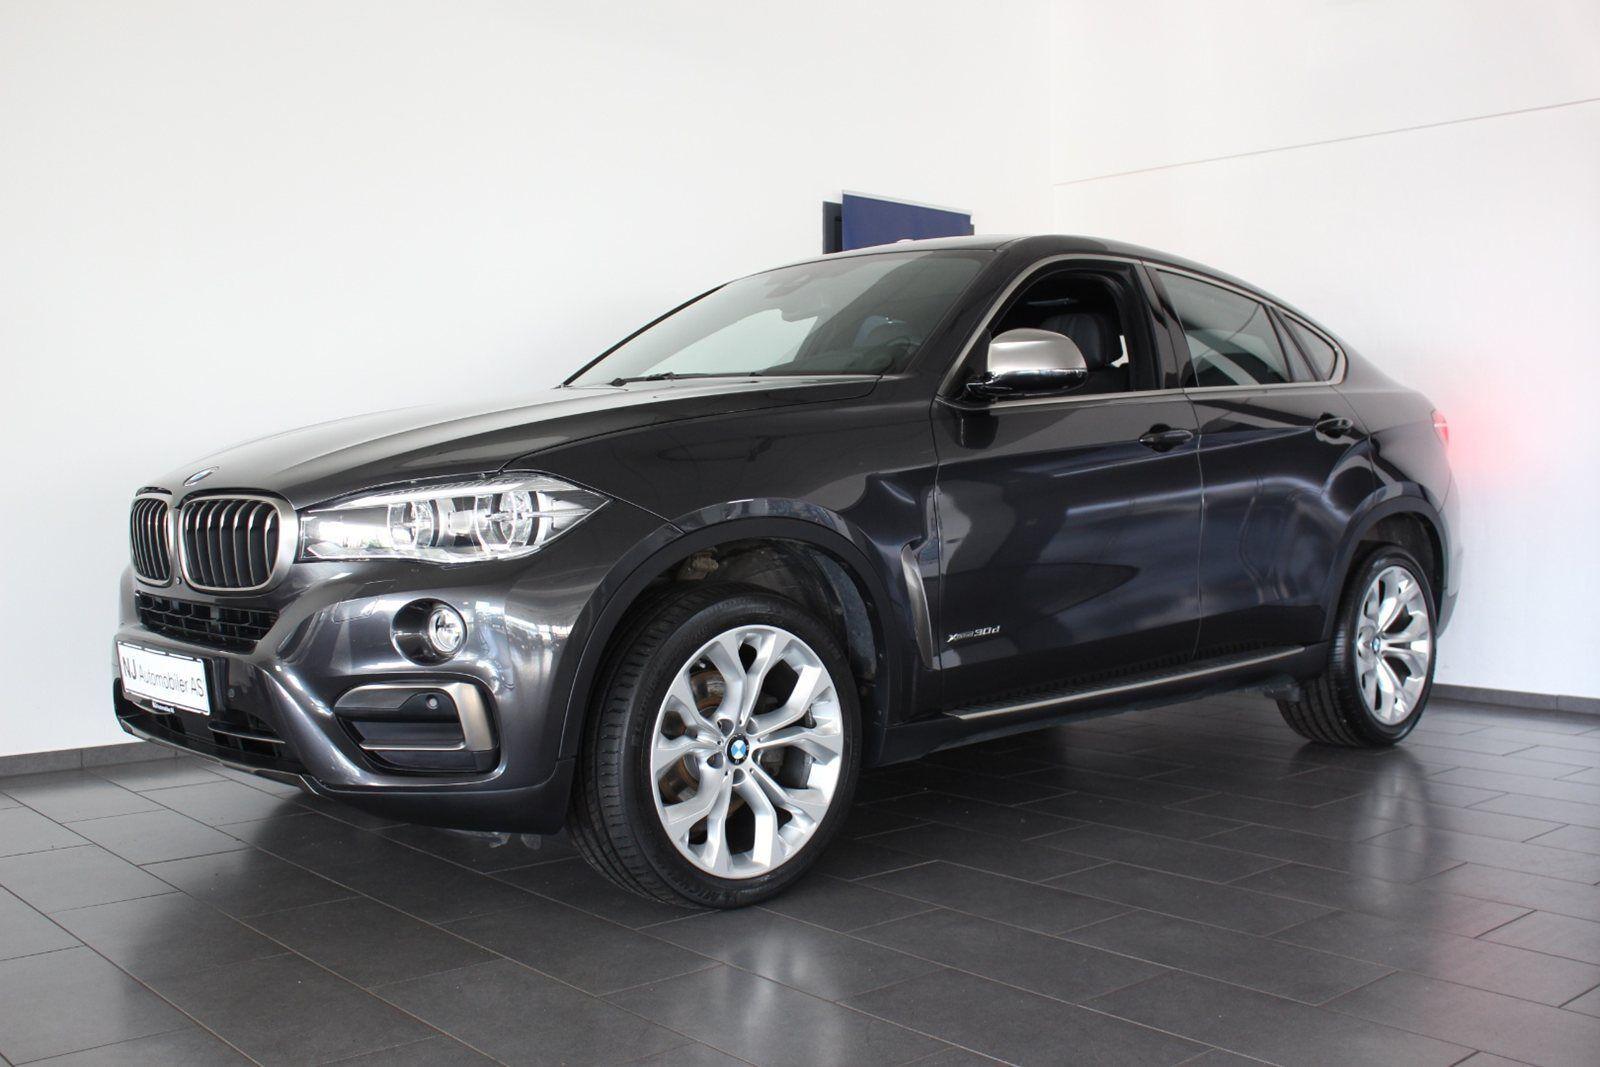 BMW X6 3,0 xDrive30d aut. 5d - 749.900 kr.